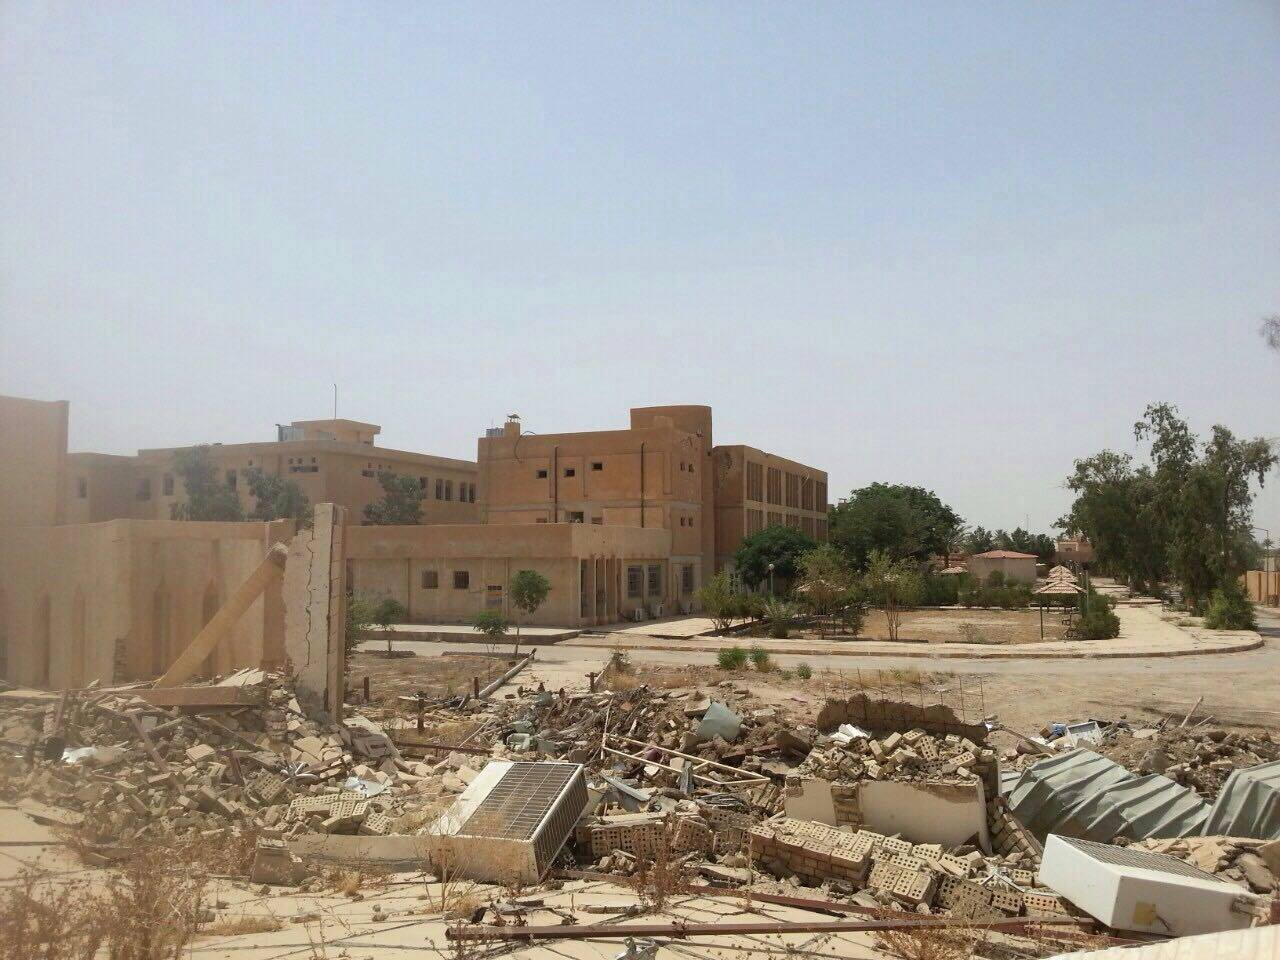 جامعة الأنبار تعلن قرب الانتهاء من مرحلة إزالة الألغام والشروع بإعادة إعمارها